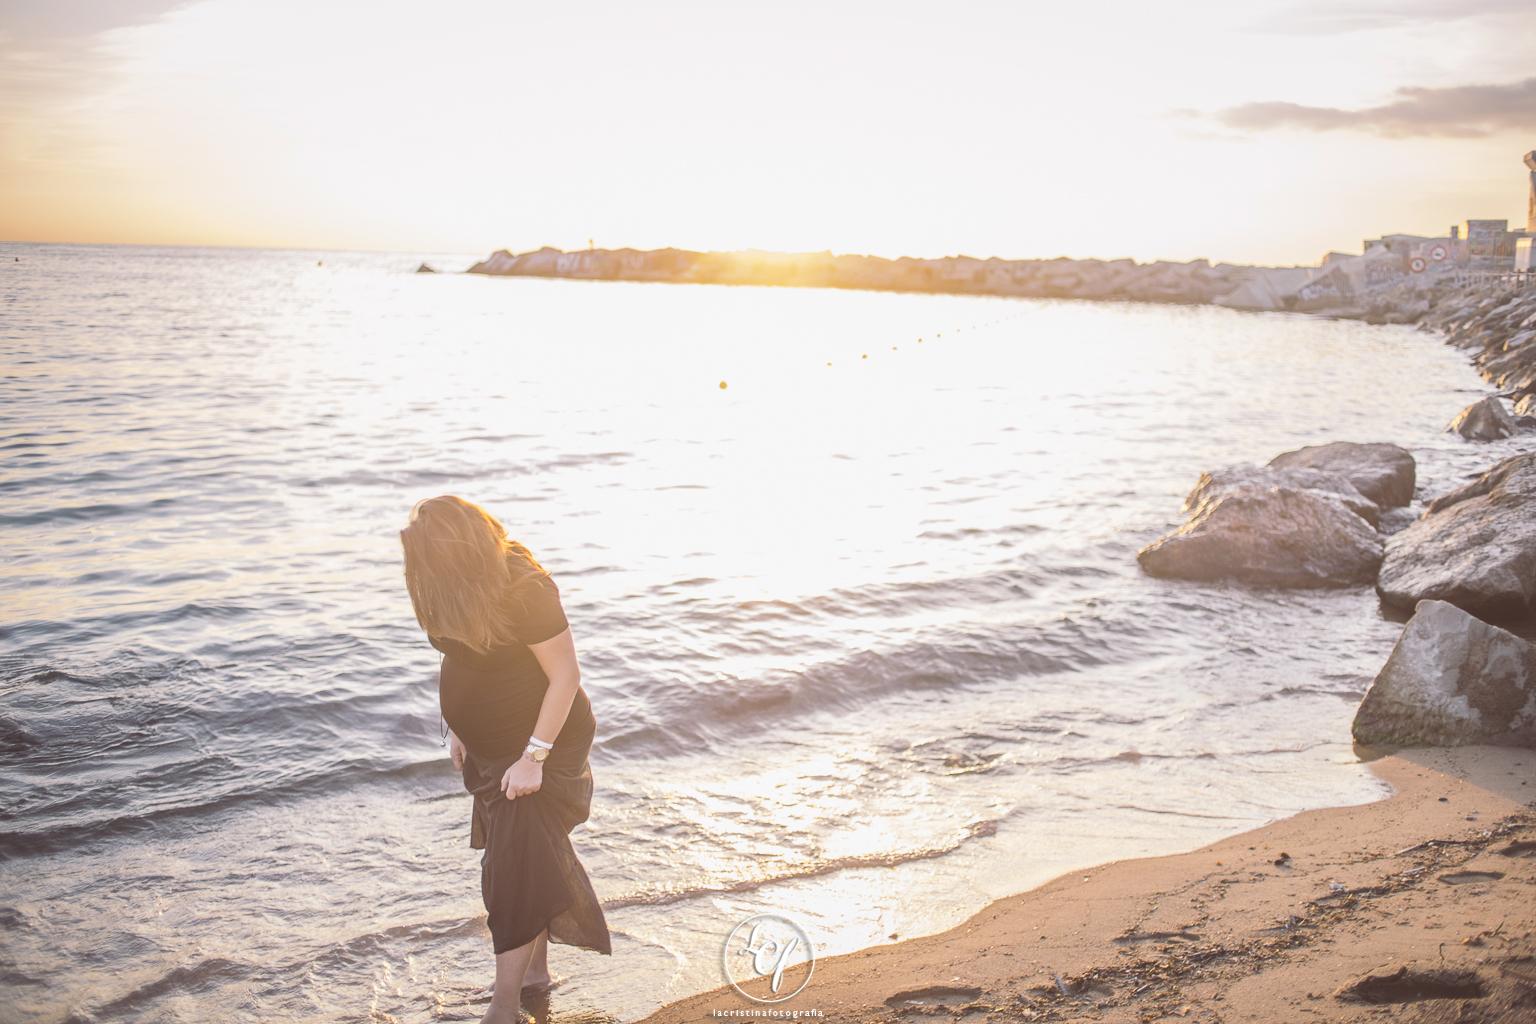 Fotografo embarazo barcelona :: fotografía embarazada barcelona :: fotos de embarazo :: fotos de embarazo en la playa :: fotografía embarazo hotel W barcelona :: fotos embarazo barceloneta